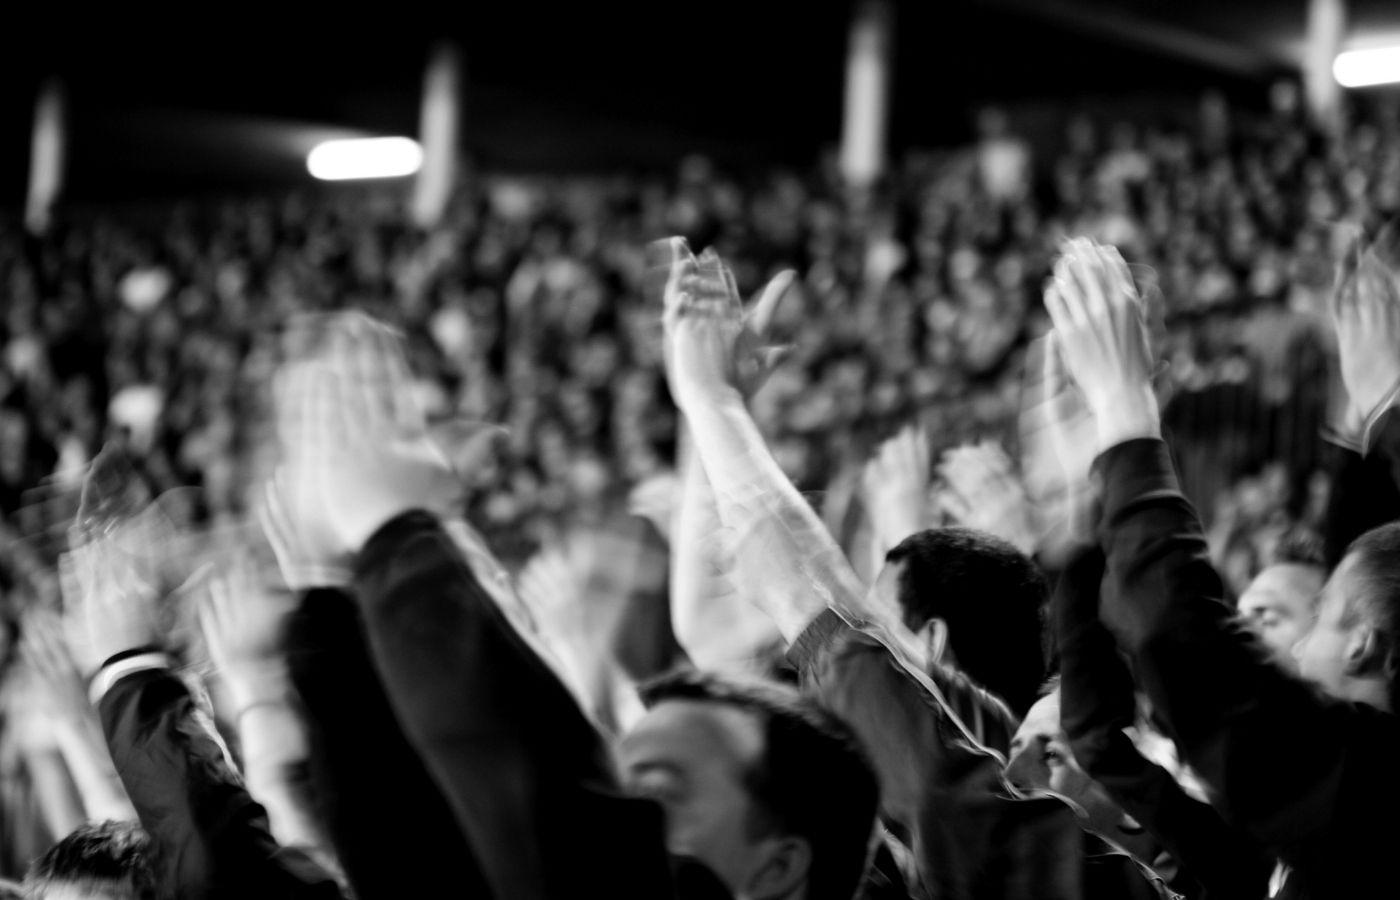 Sbírat fandy se vyplatí na stadionu i u počítače | Sportbiz